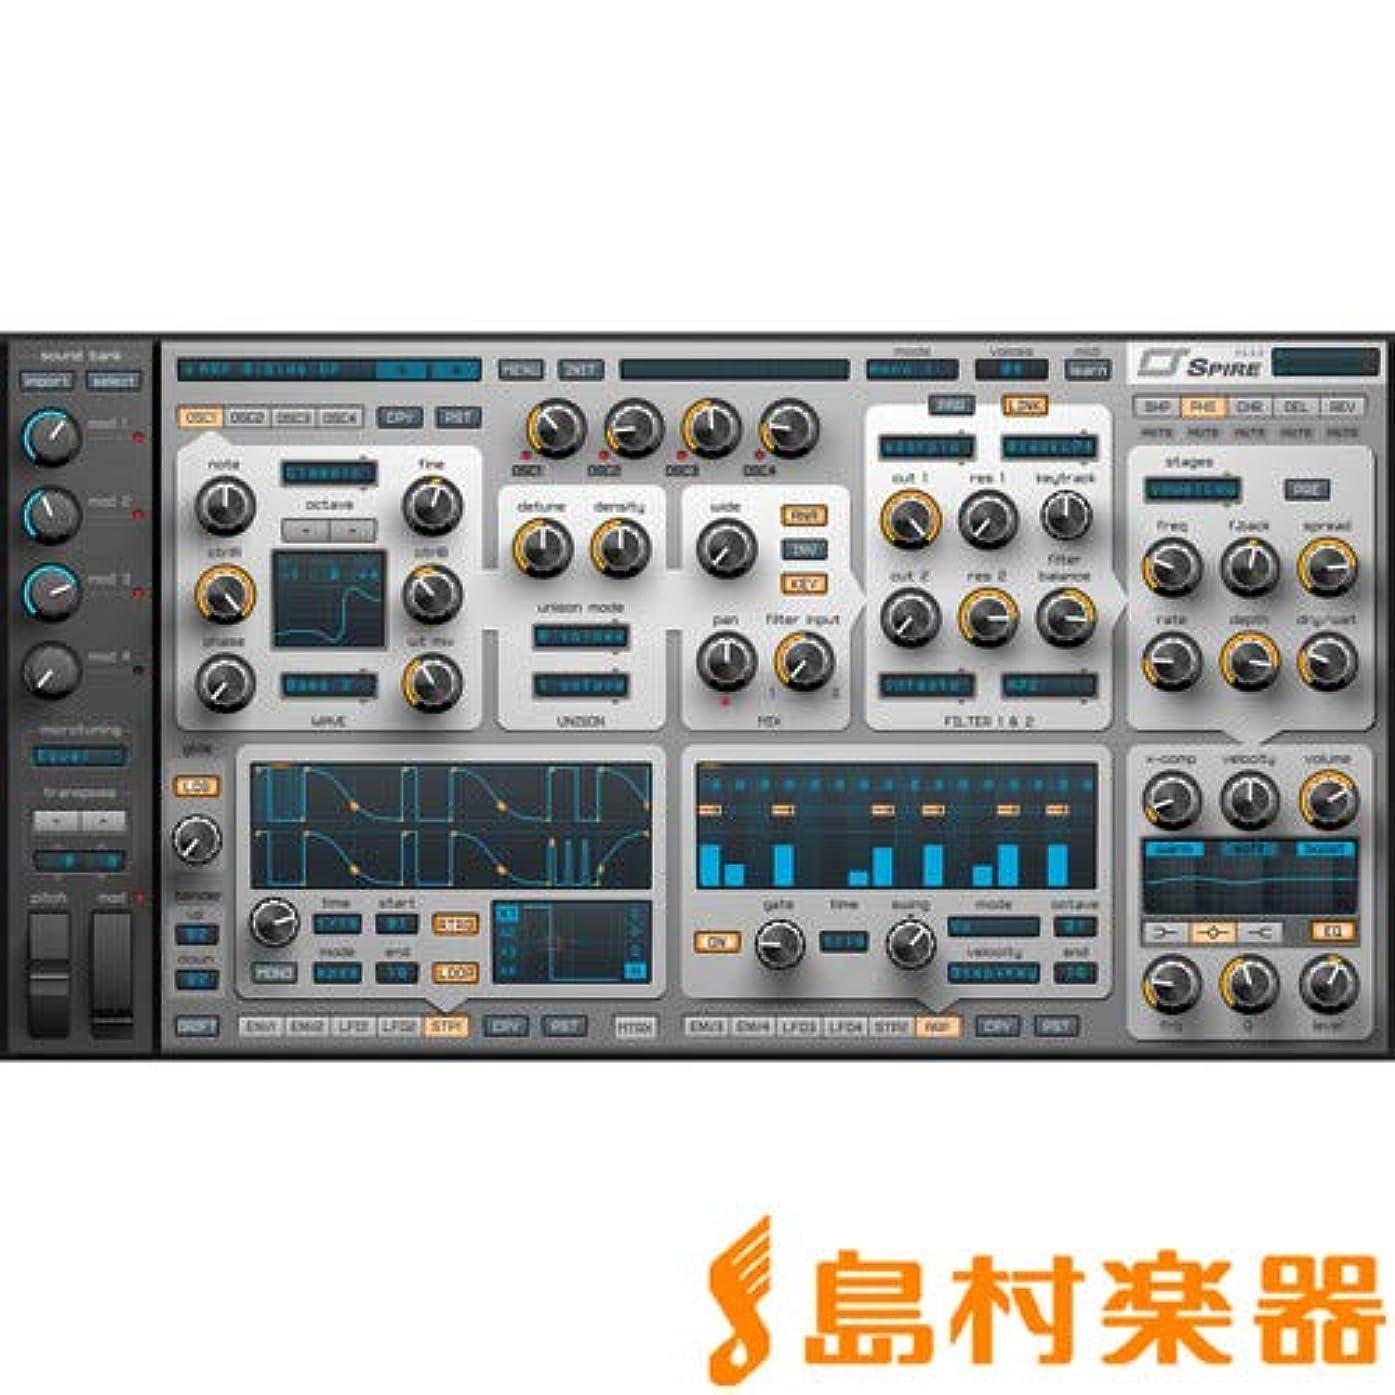 一時解雇する甥再生的Reveal Sound SPIRE プラグインソフト リビールサウンド